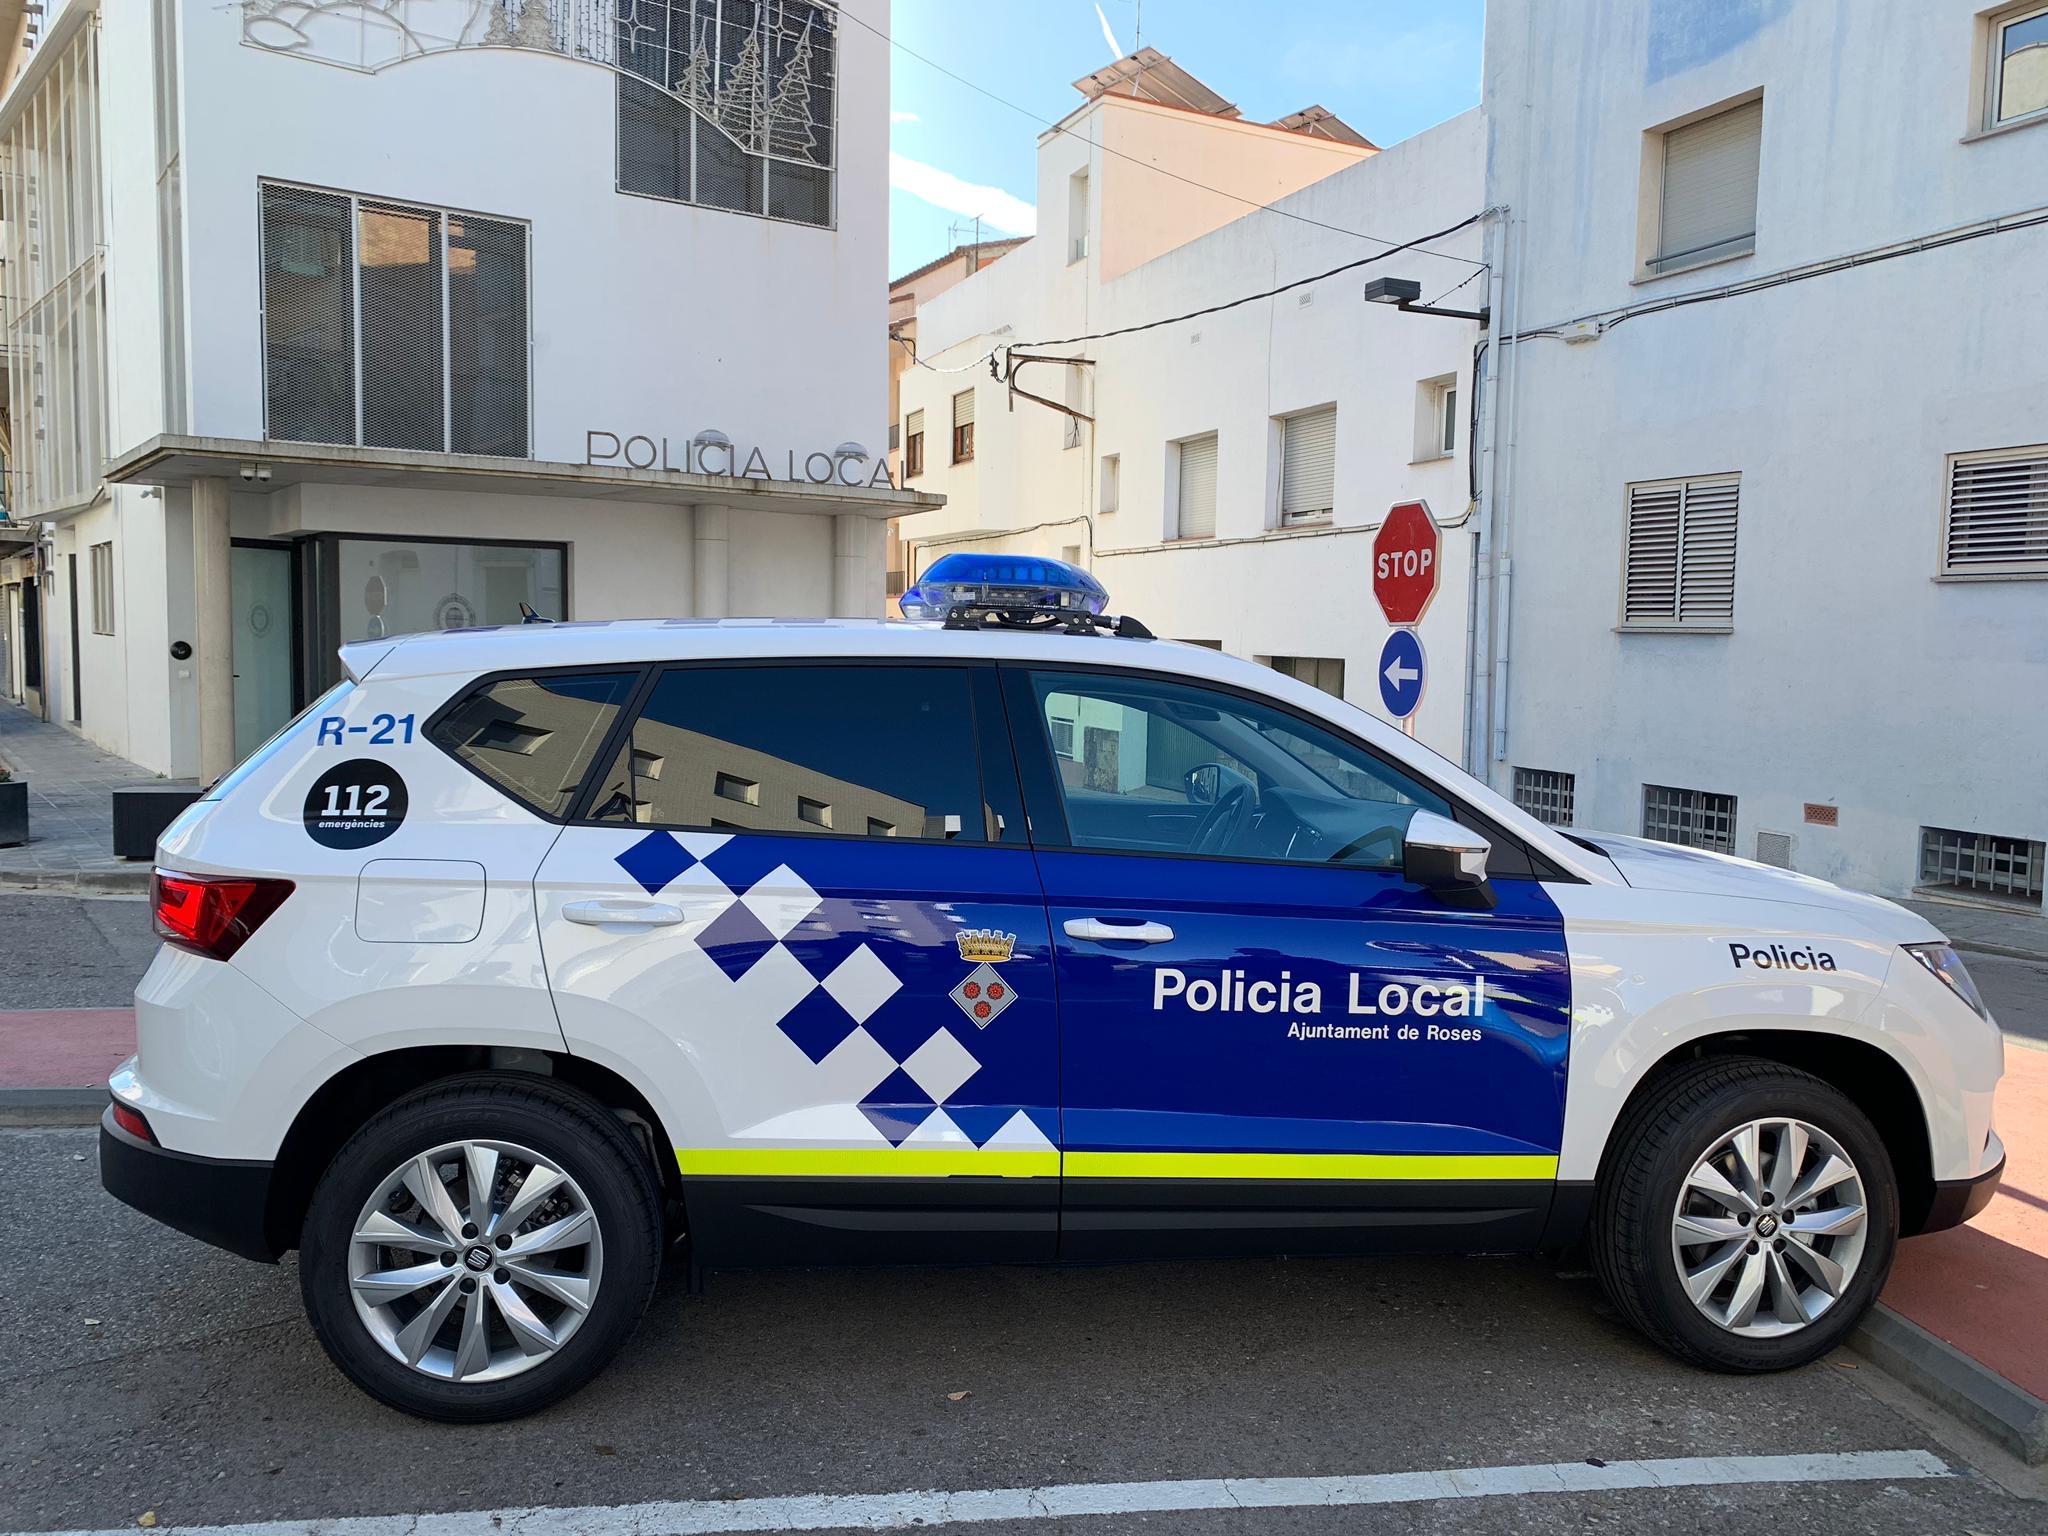 Oberta la convocatòria per contractar 7 agents de policia per a la temporada turística a Roses